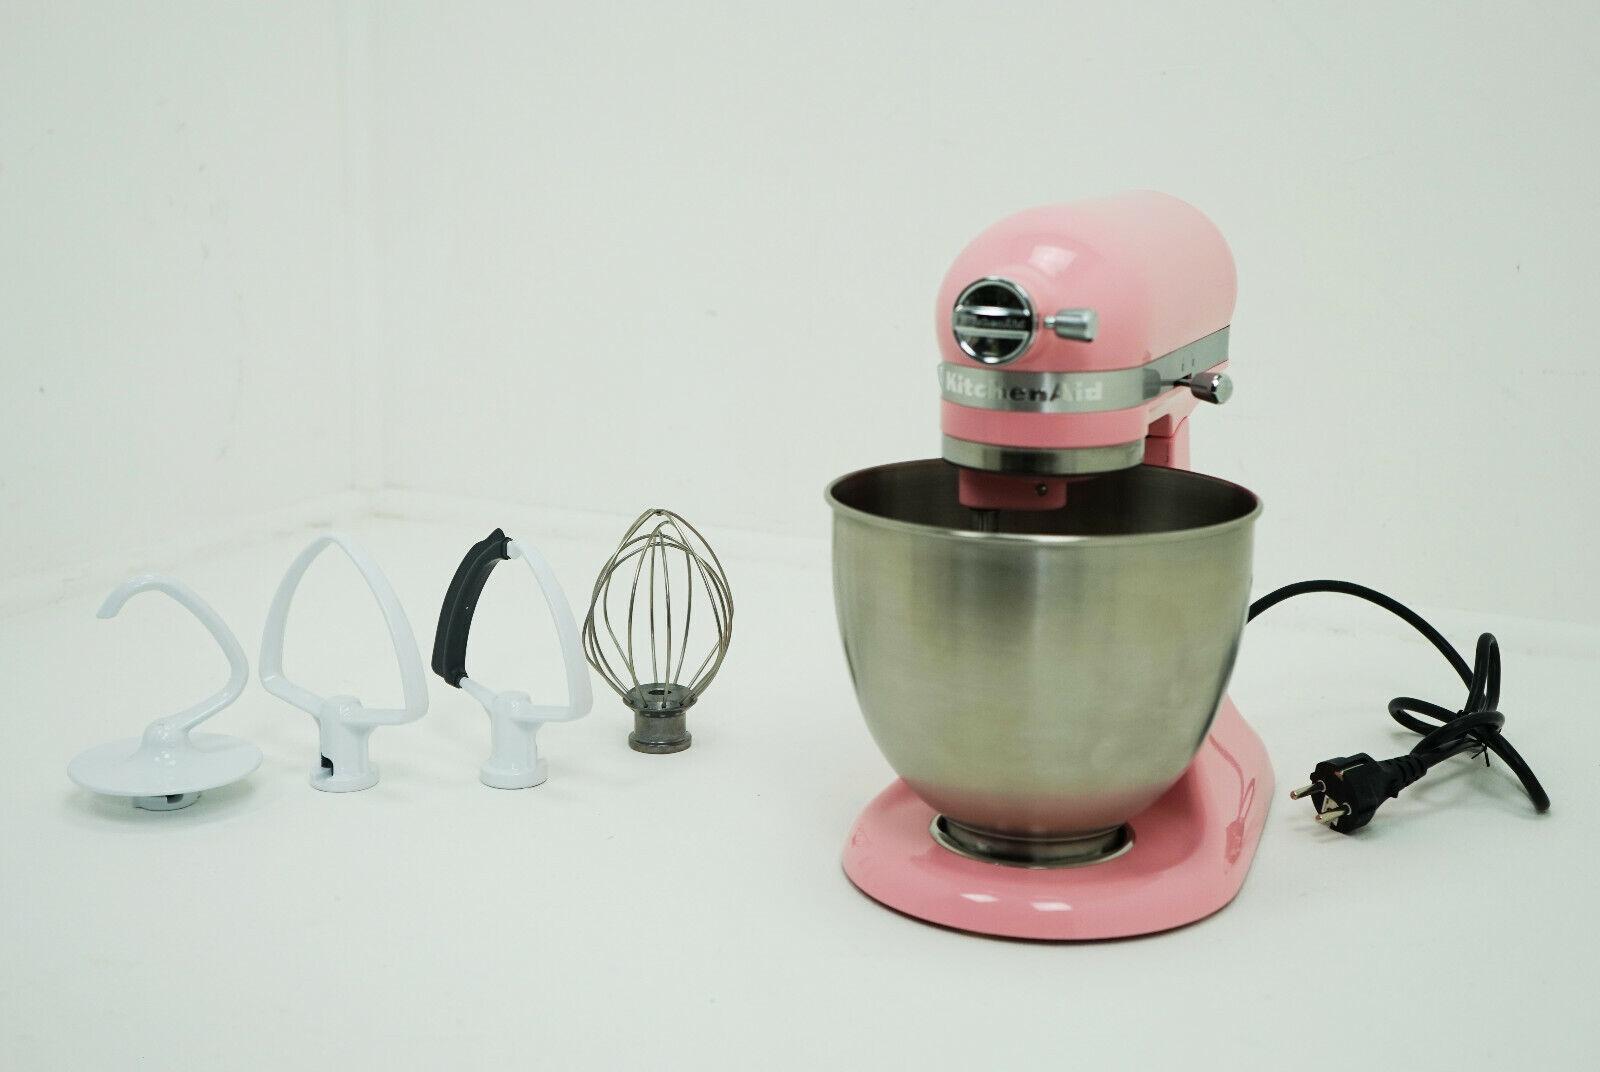 Kitchenaid Artisan Mini-Küchenmaschine 3,3 Liter 5KSM3311 - Guava Glaze